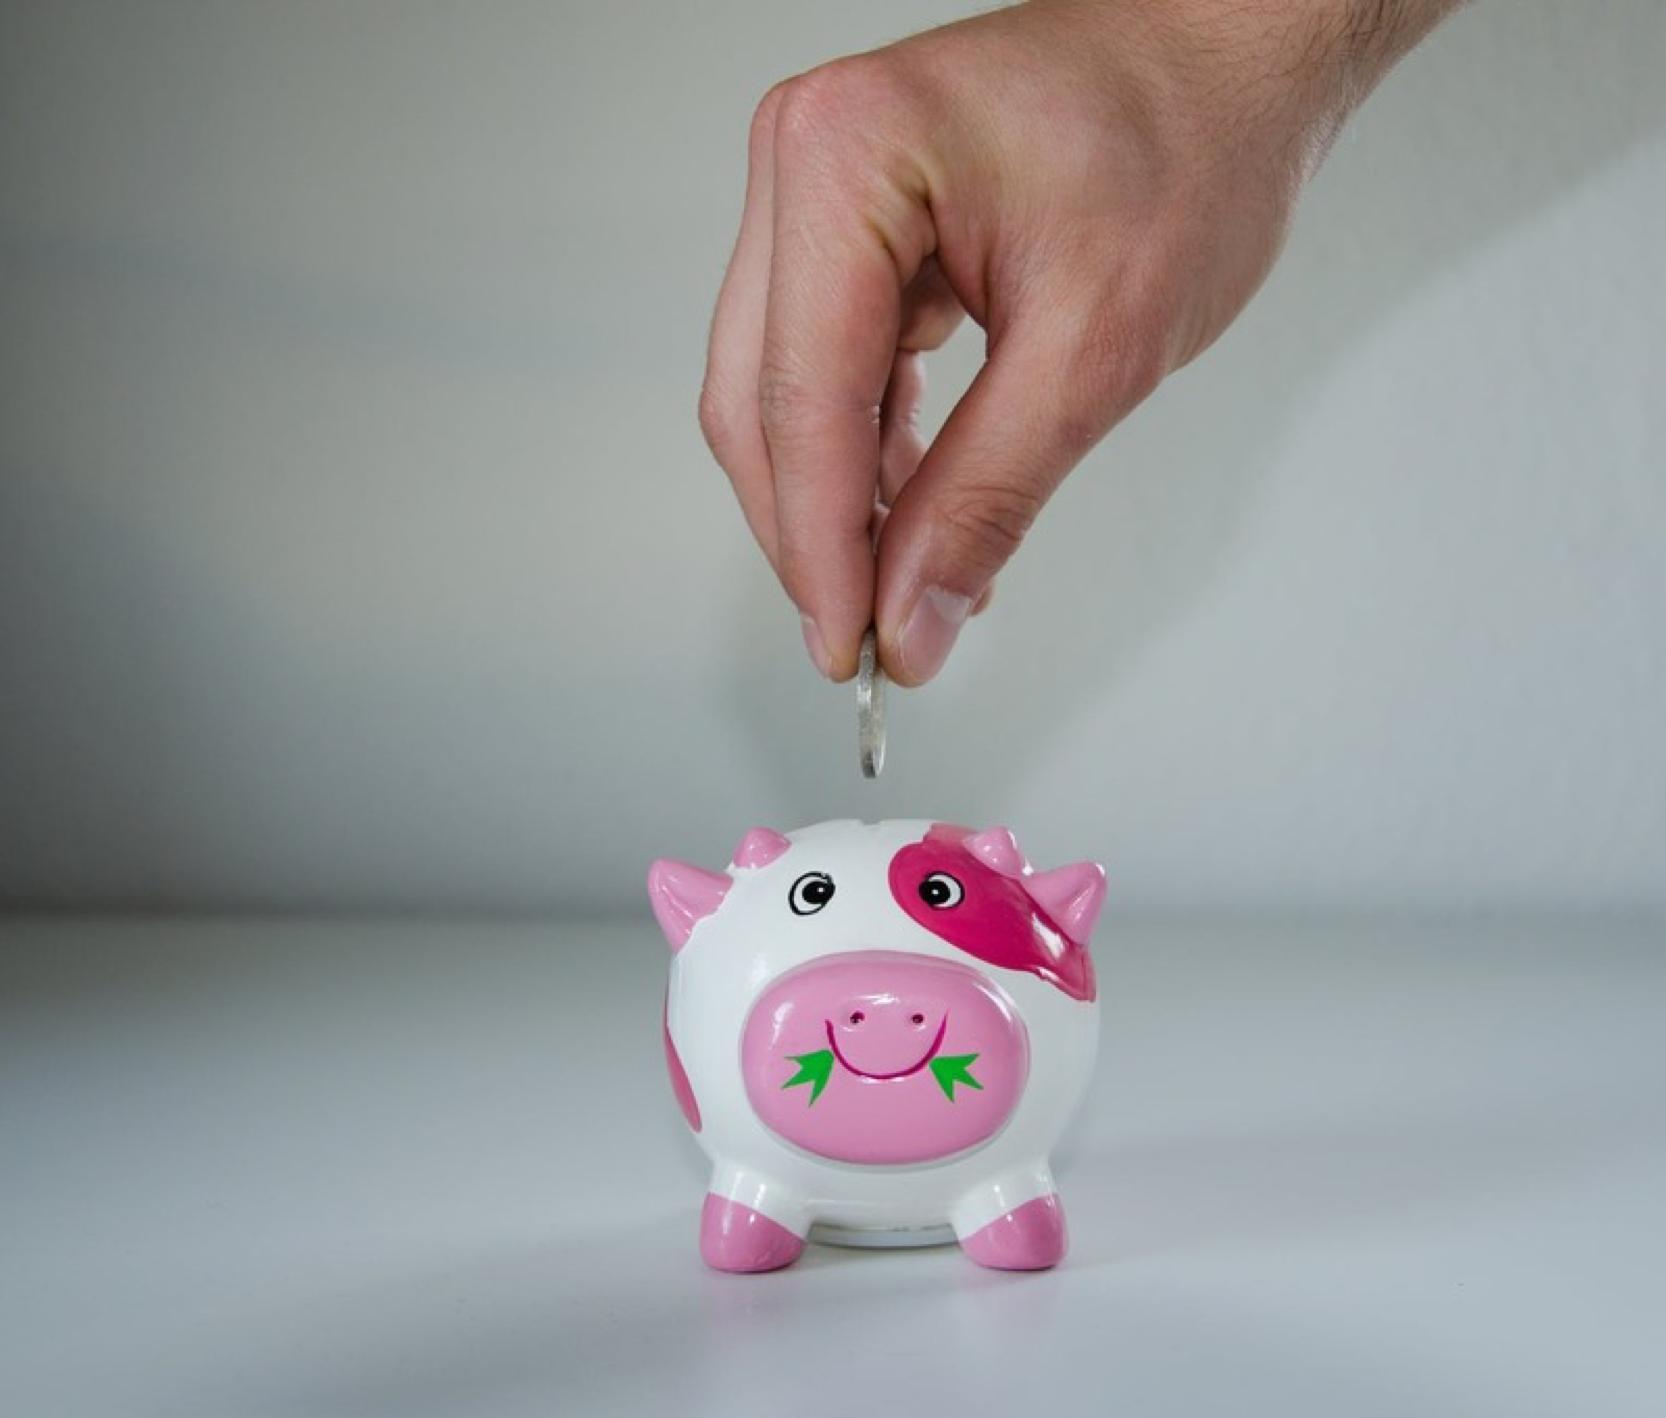 Weinig geld te makken? Geld besparen is makkelijker dan je denkt!